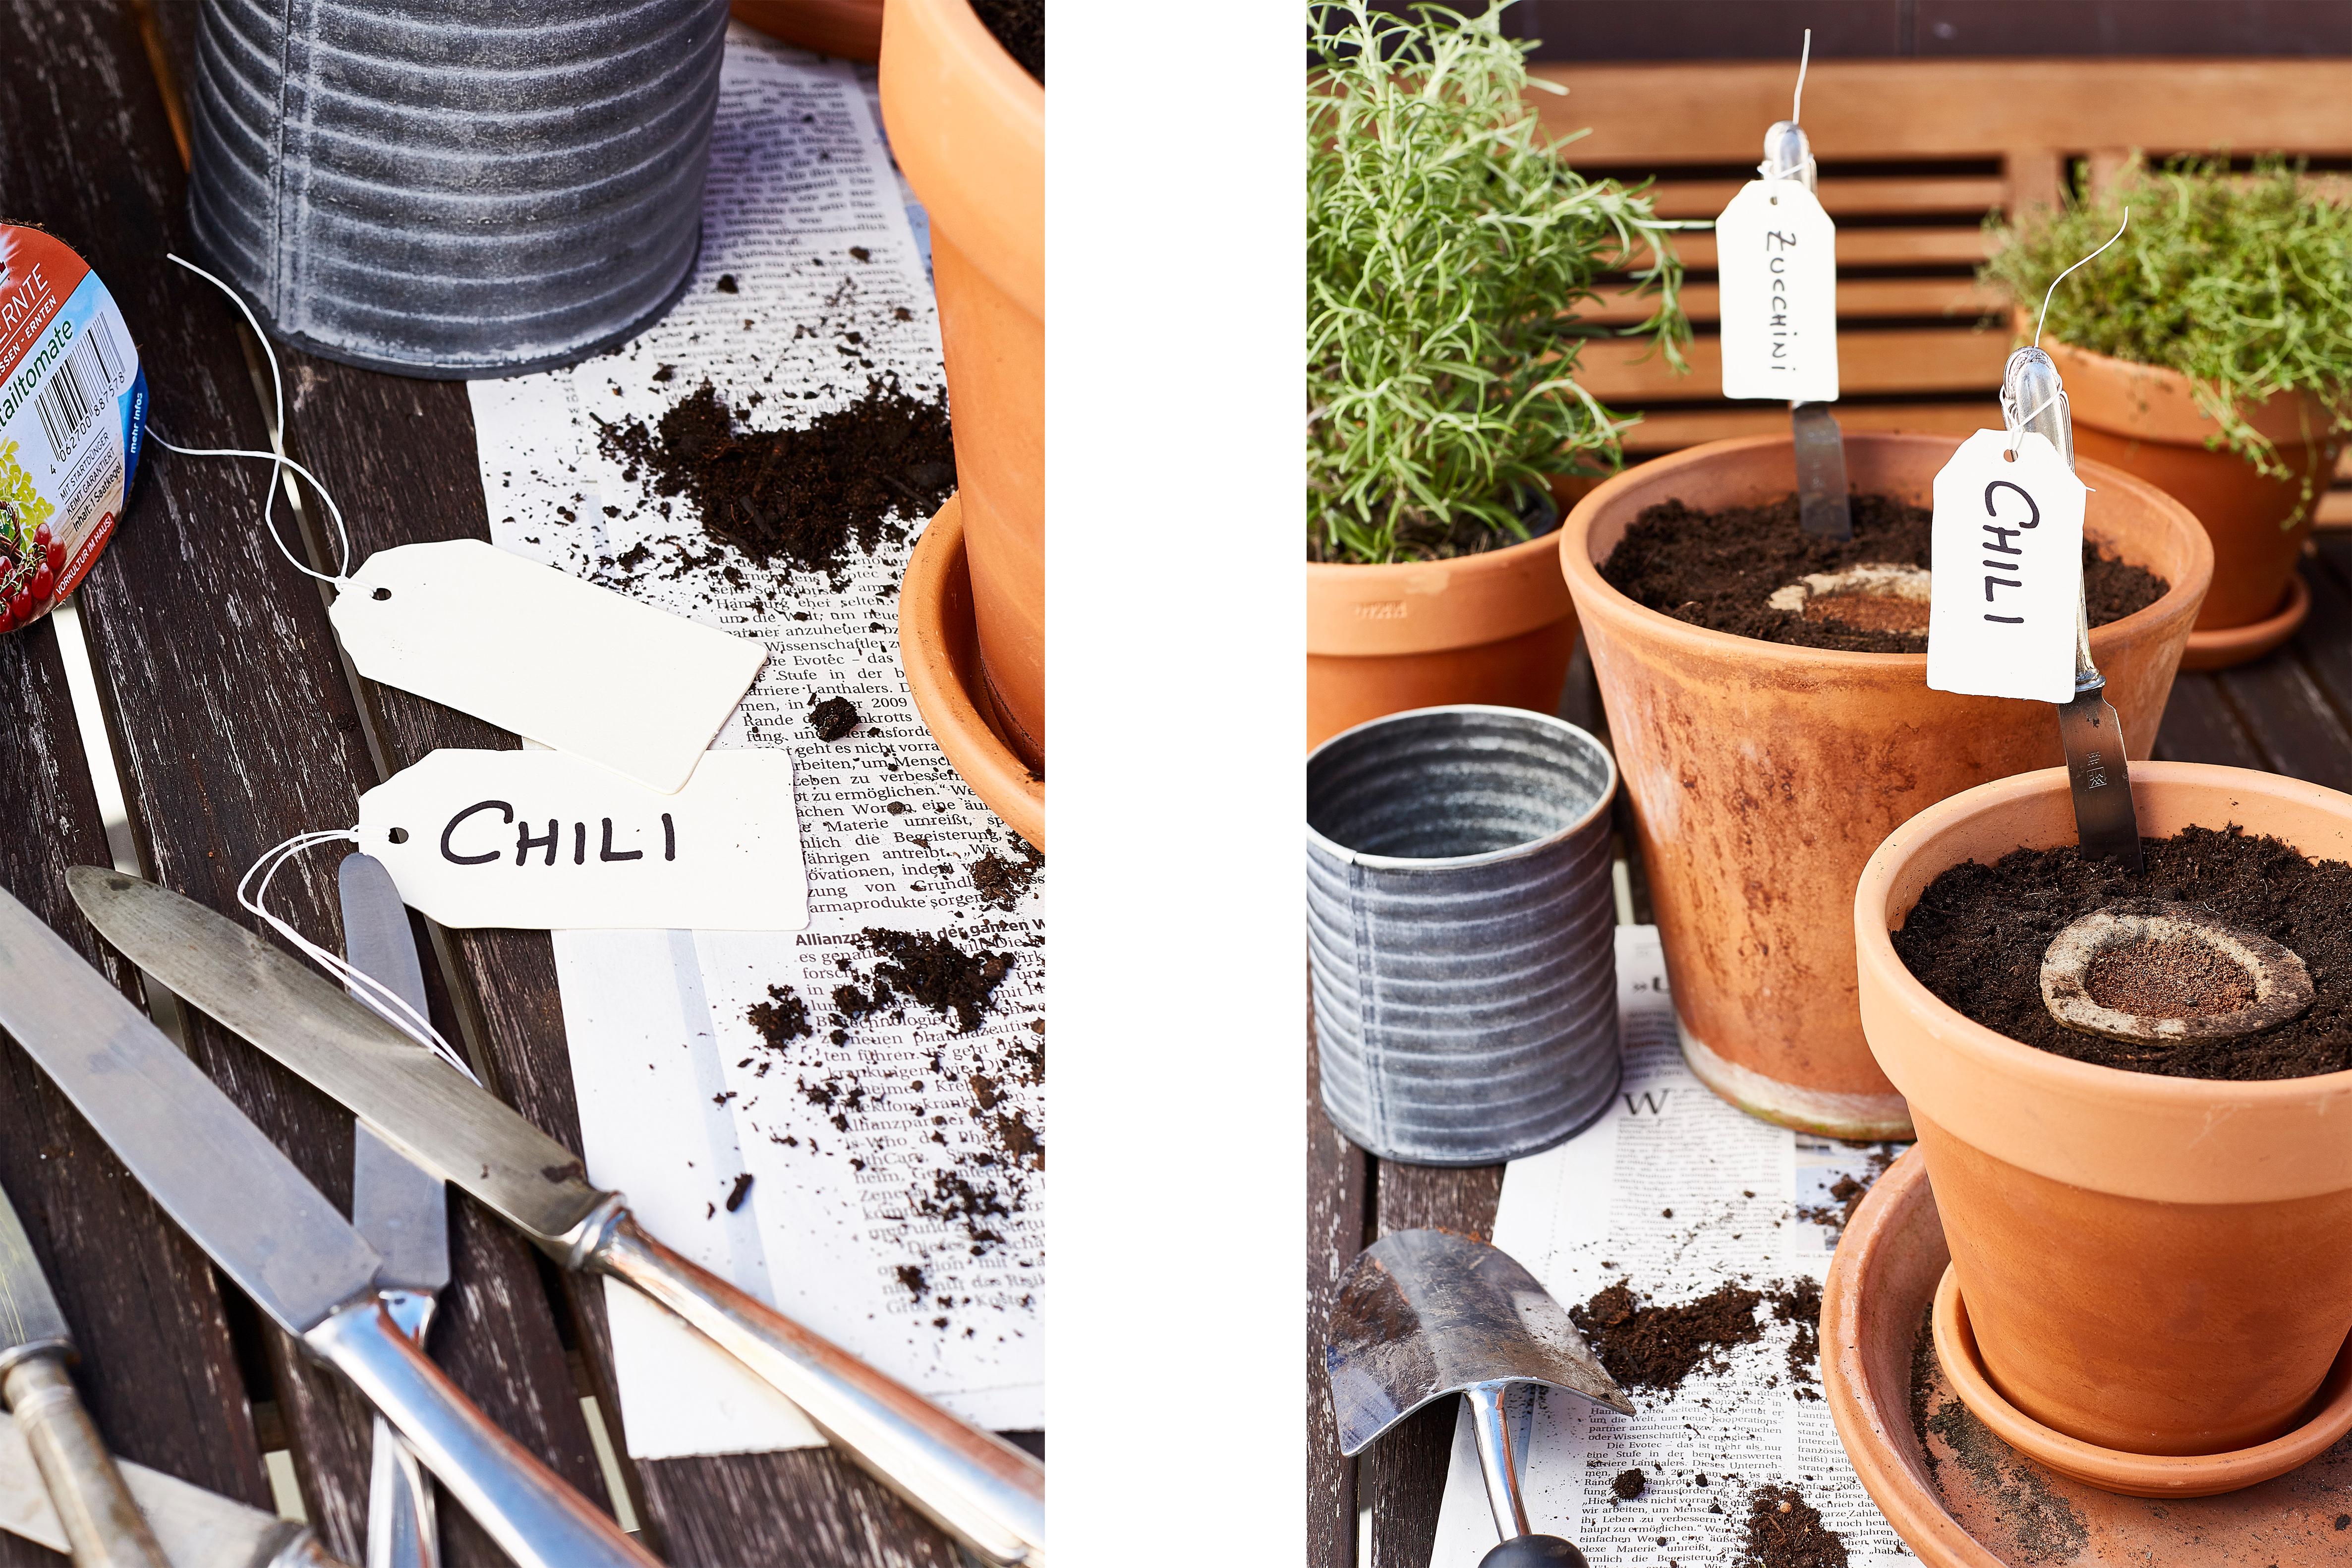 DeineErnte-substral-am-balkon-terasse-anpflanzen--1